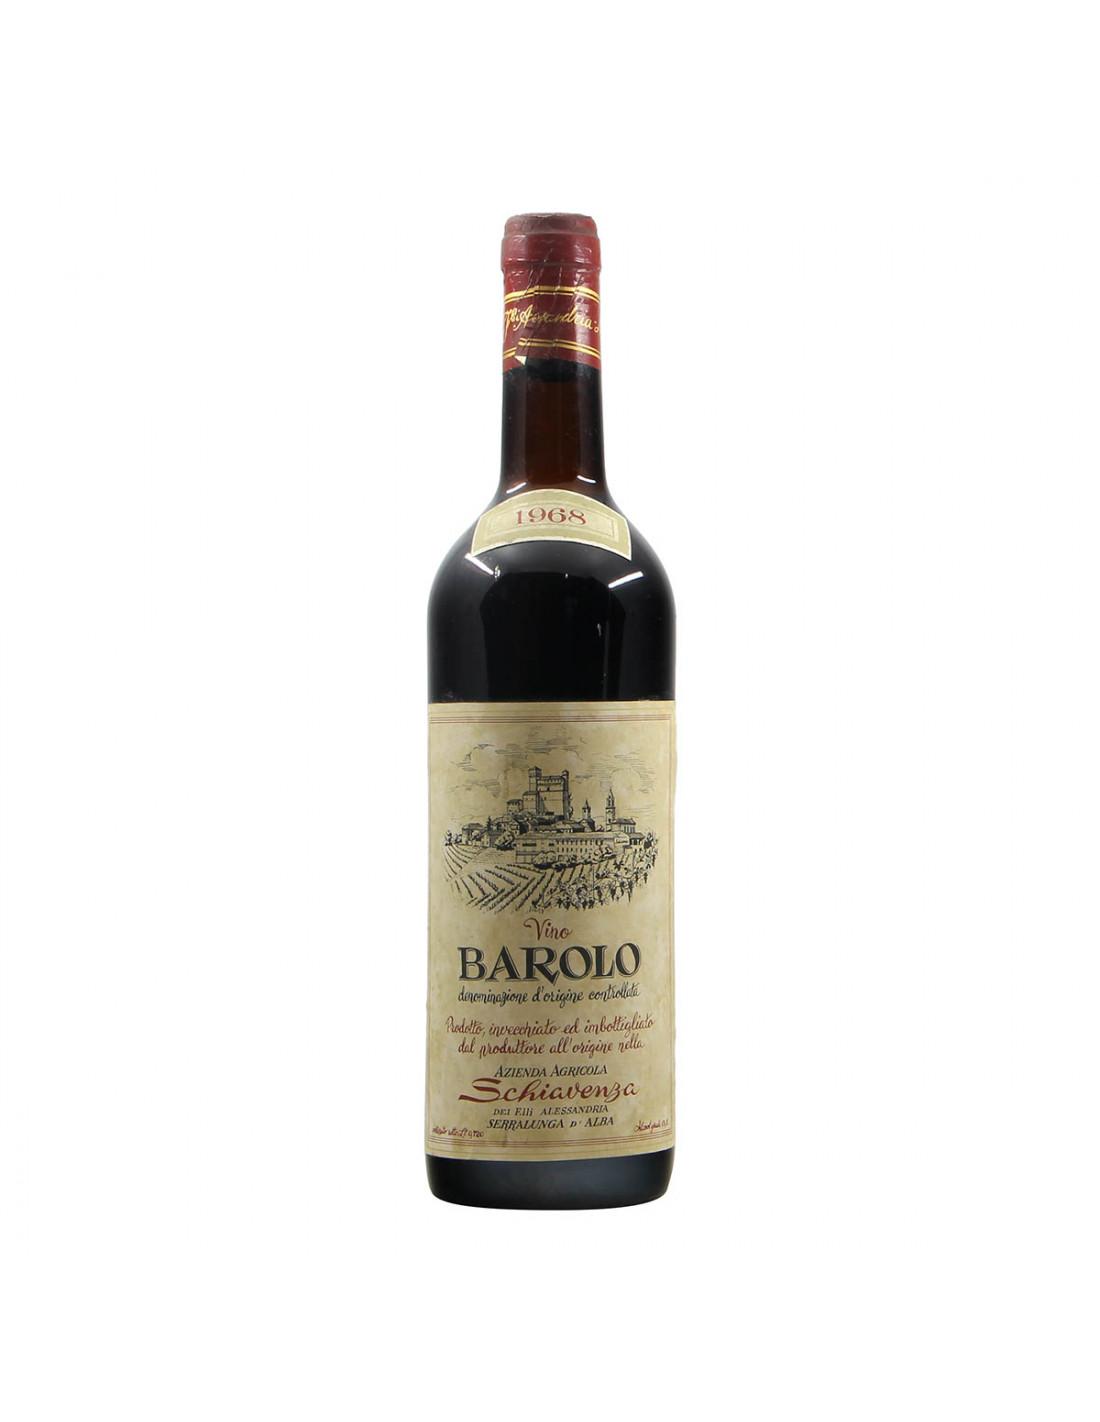 Schiavenza Barolo 1968 Grandi Bottiglie